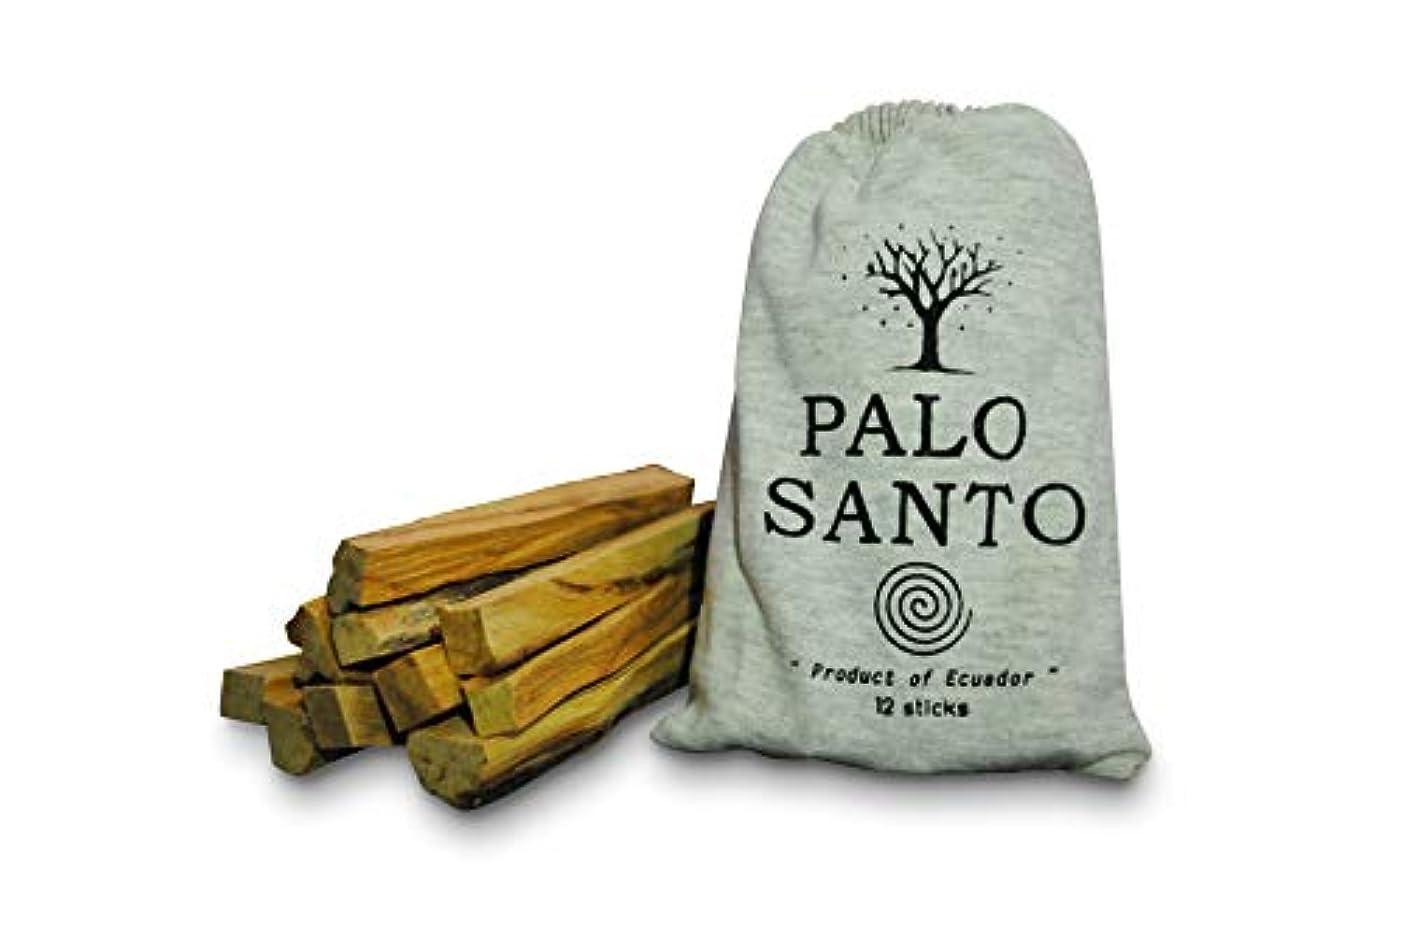 真空十分に十分にオルタナティブ ミラクル パロ サント スマッジスティック - 野生の収穫 聖なる木のお香 スマッジスティック